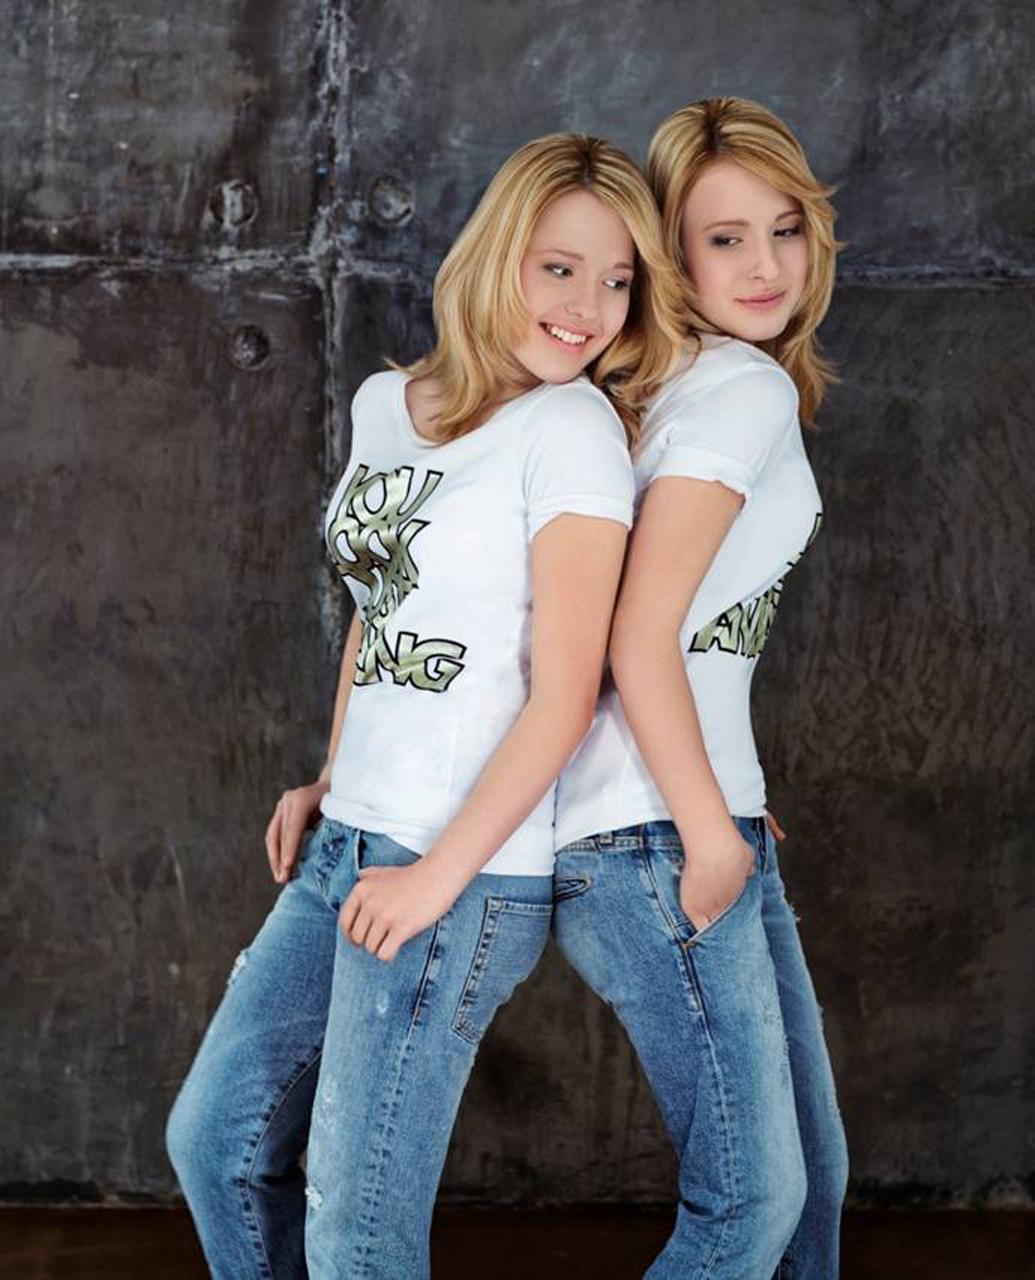 Сестра в джинсах фото 17 фотография